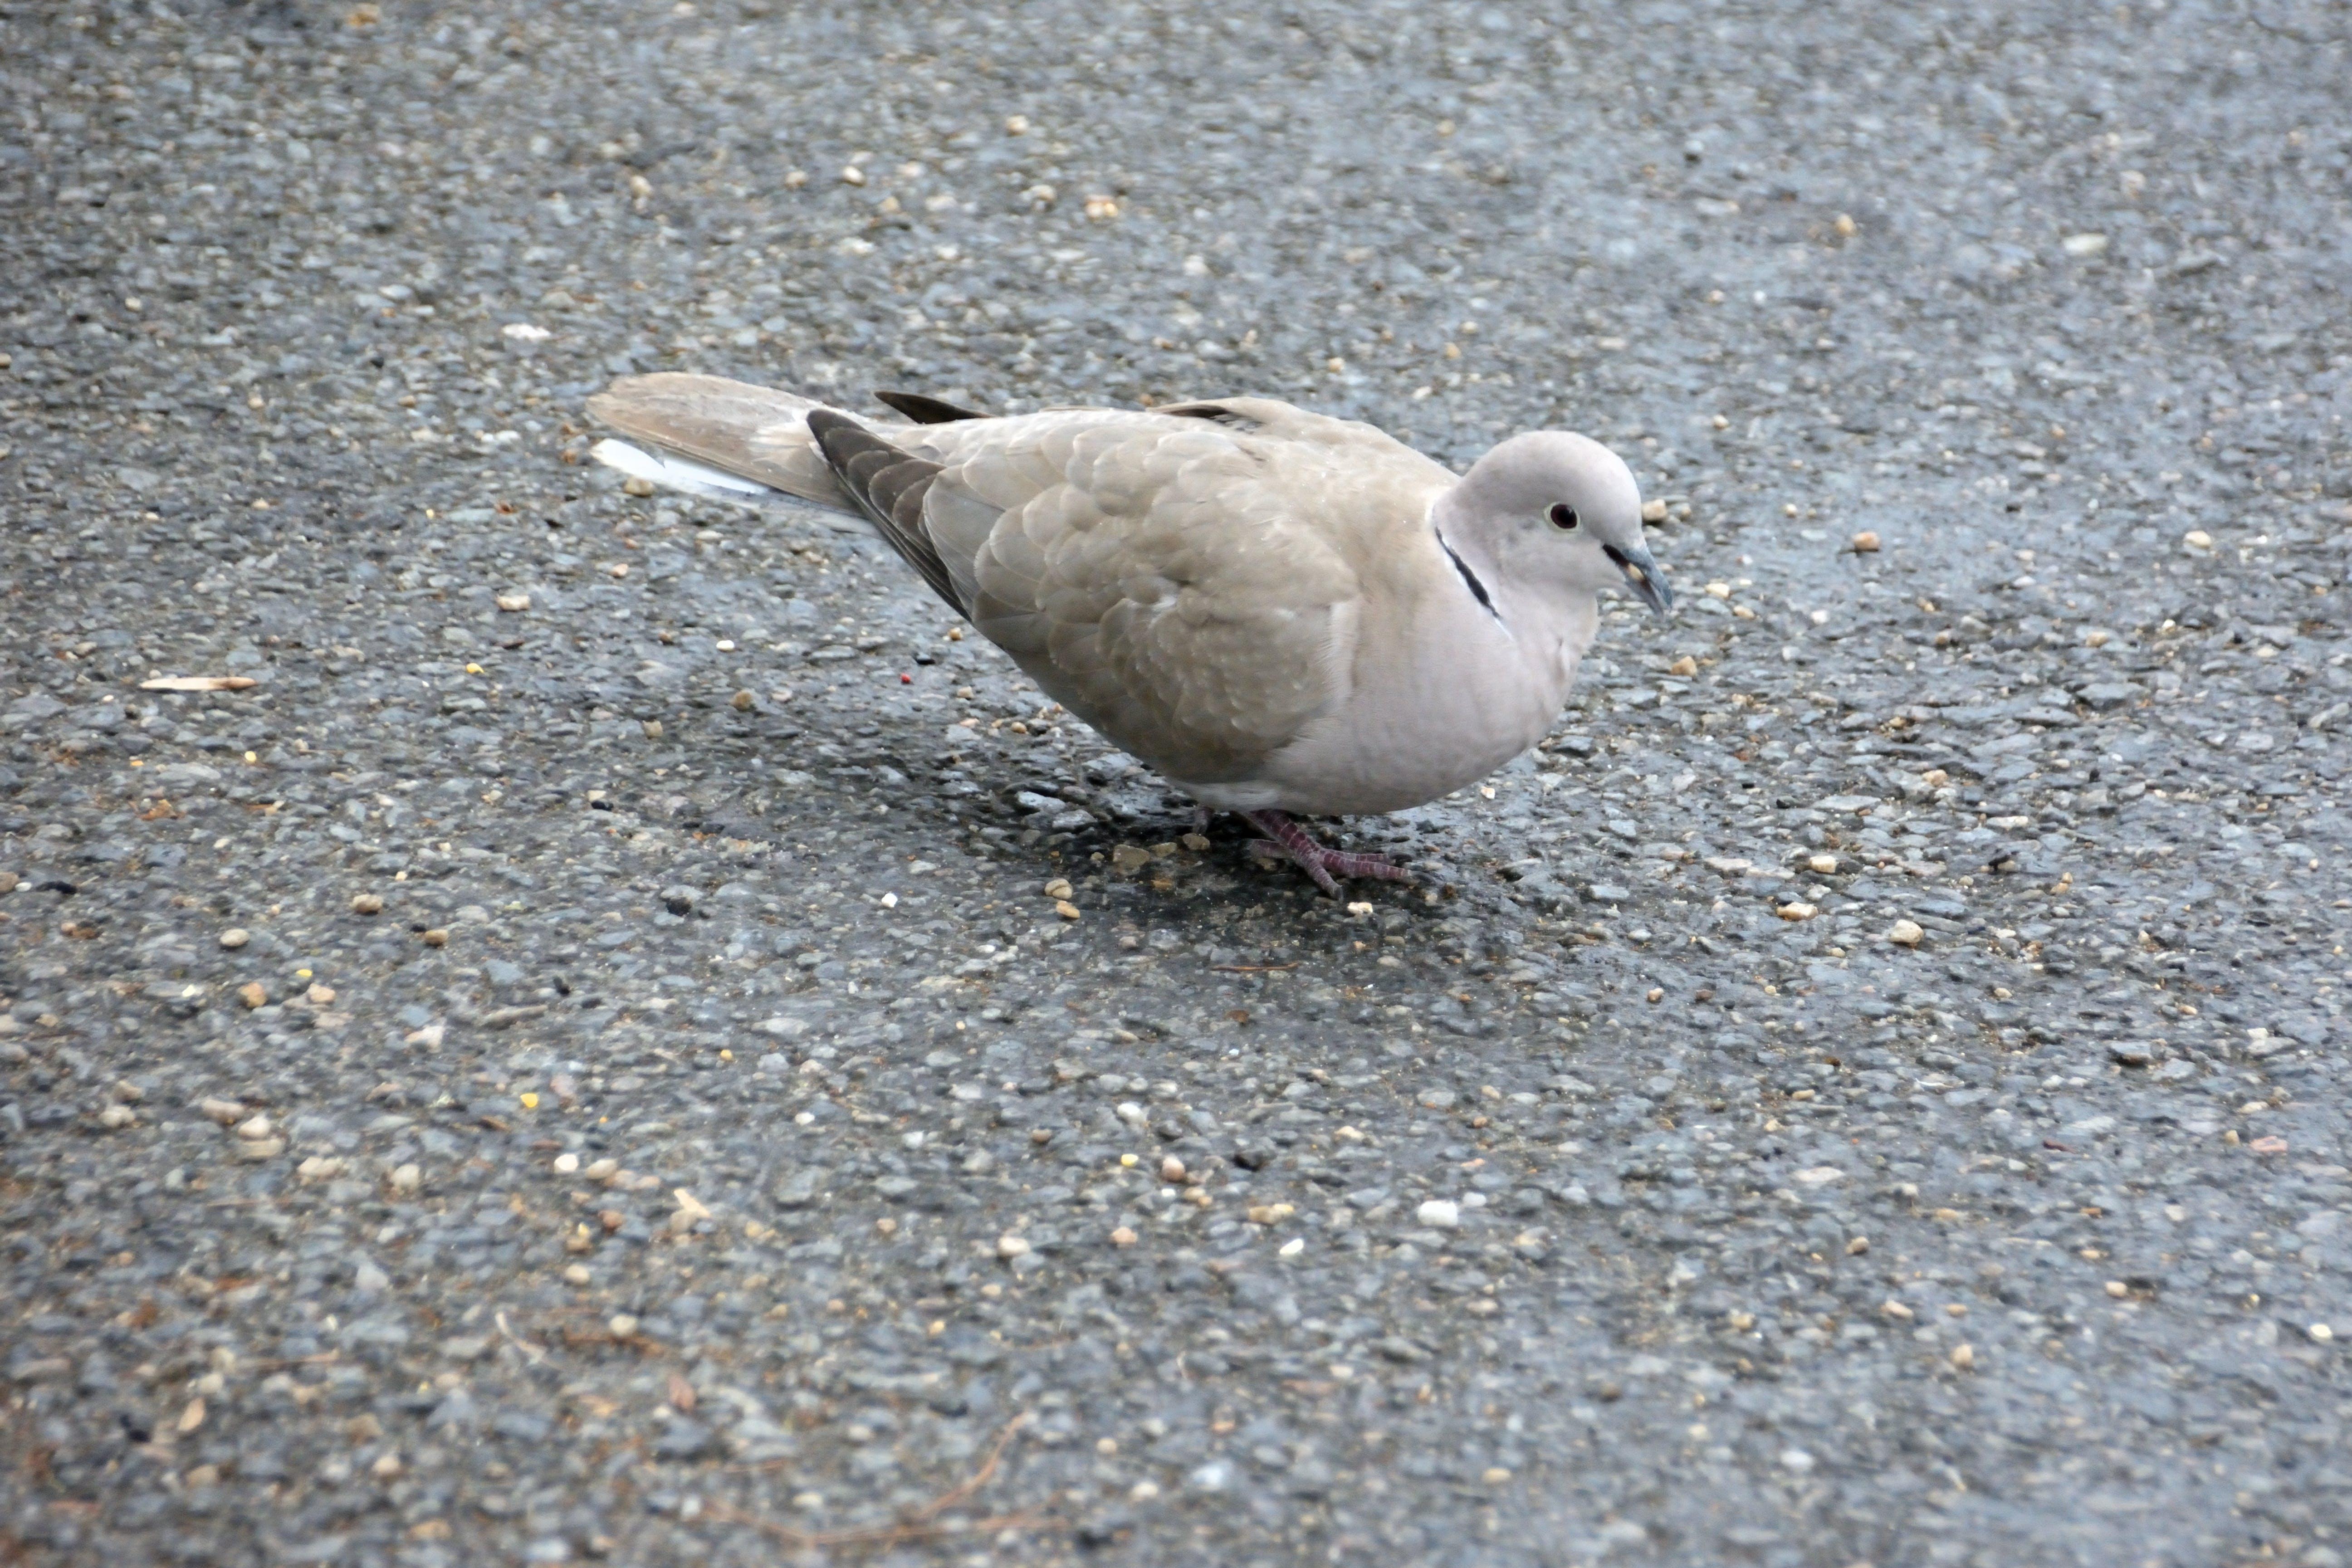 Δωρεάν στοκ φωτογραφιών με bec, faune, oeil d'oiseau, oiseau